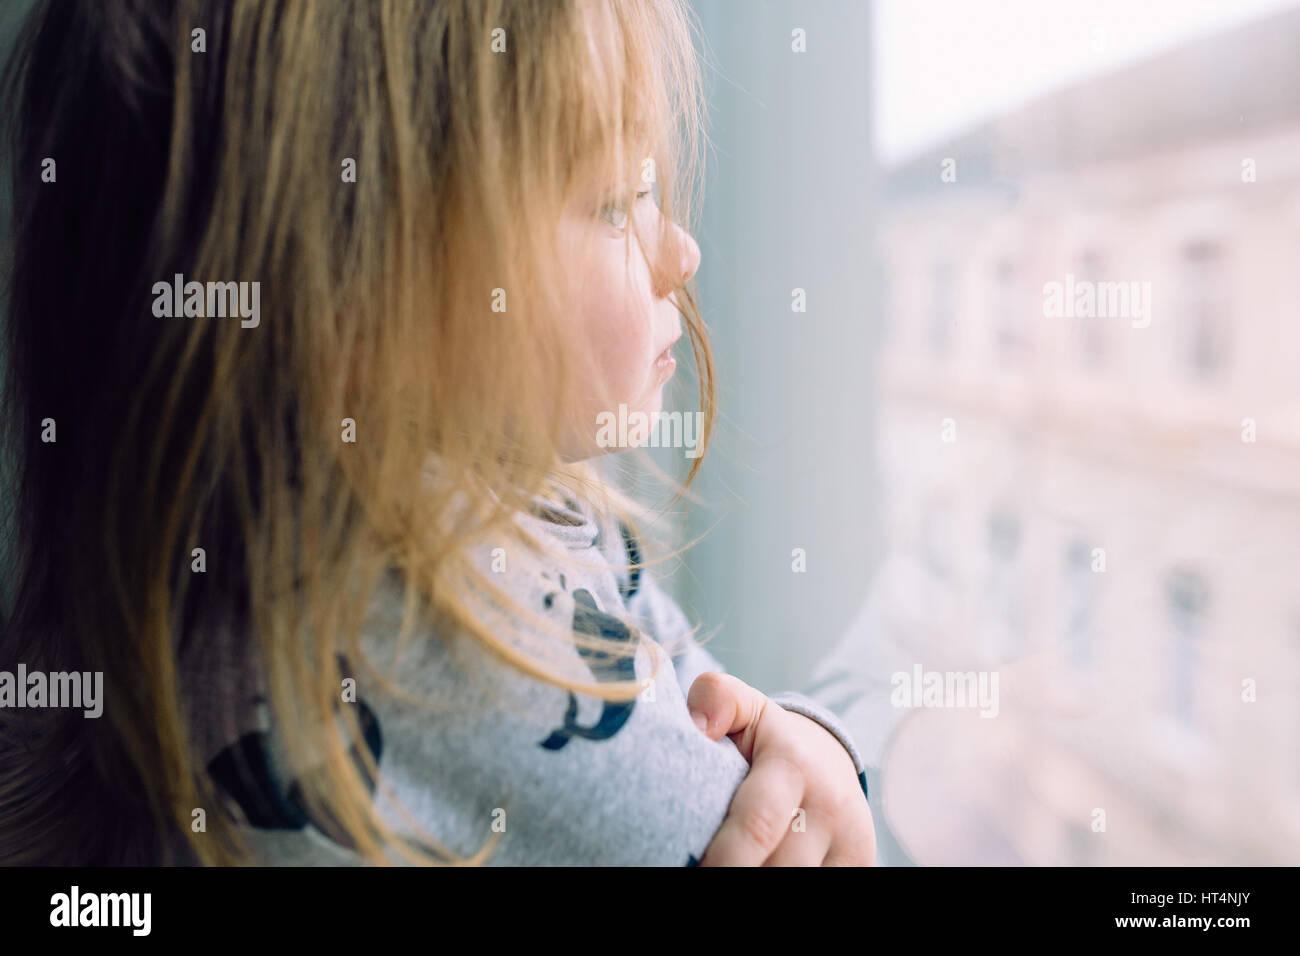 Vida desesperada. Cerca de depresión de la pobre niña de pie cerca de la ventana y buscando Imagen De Stock